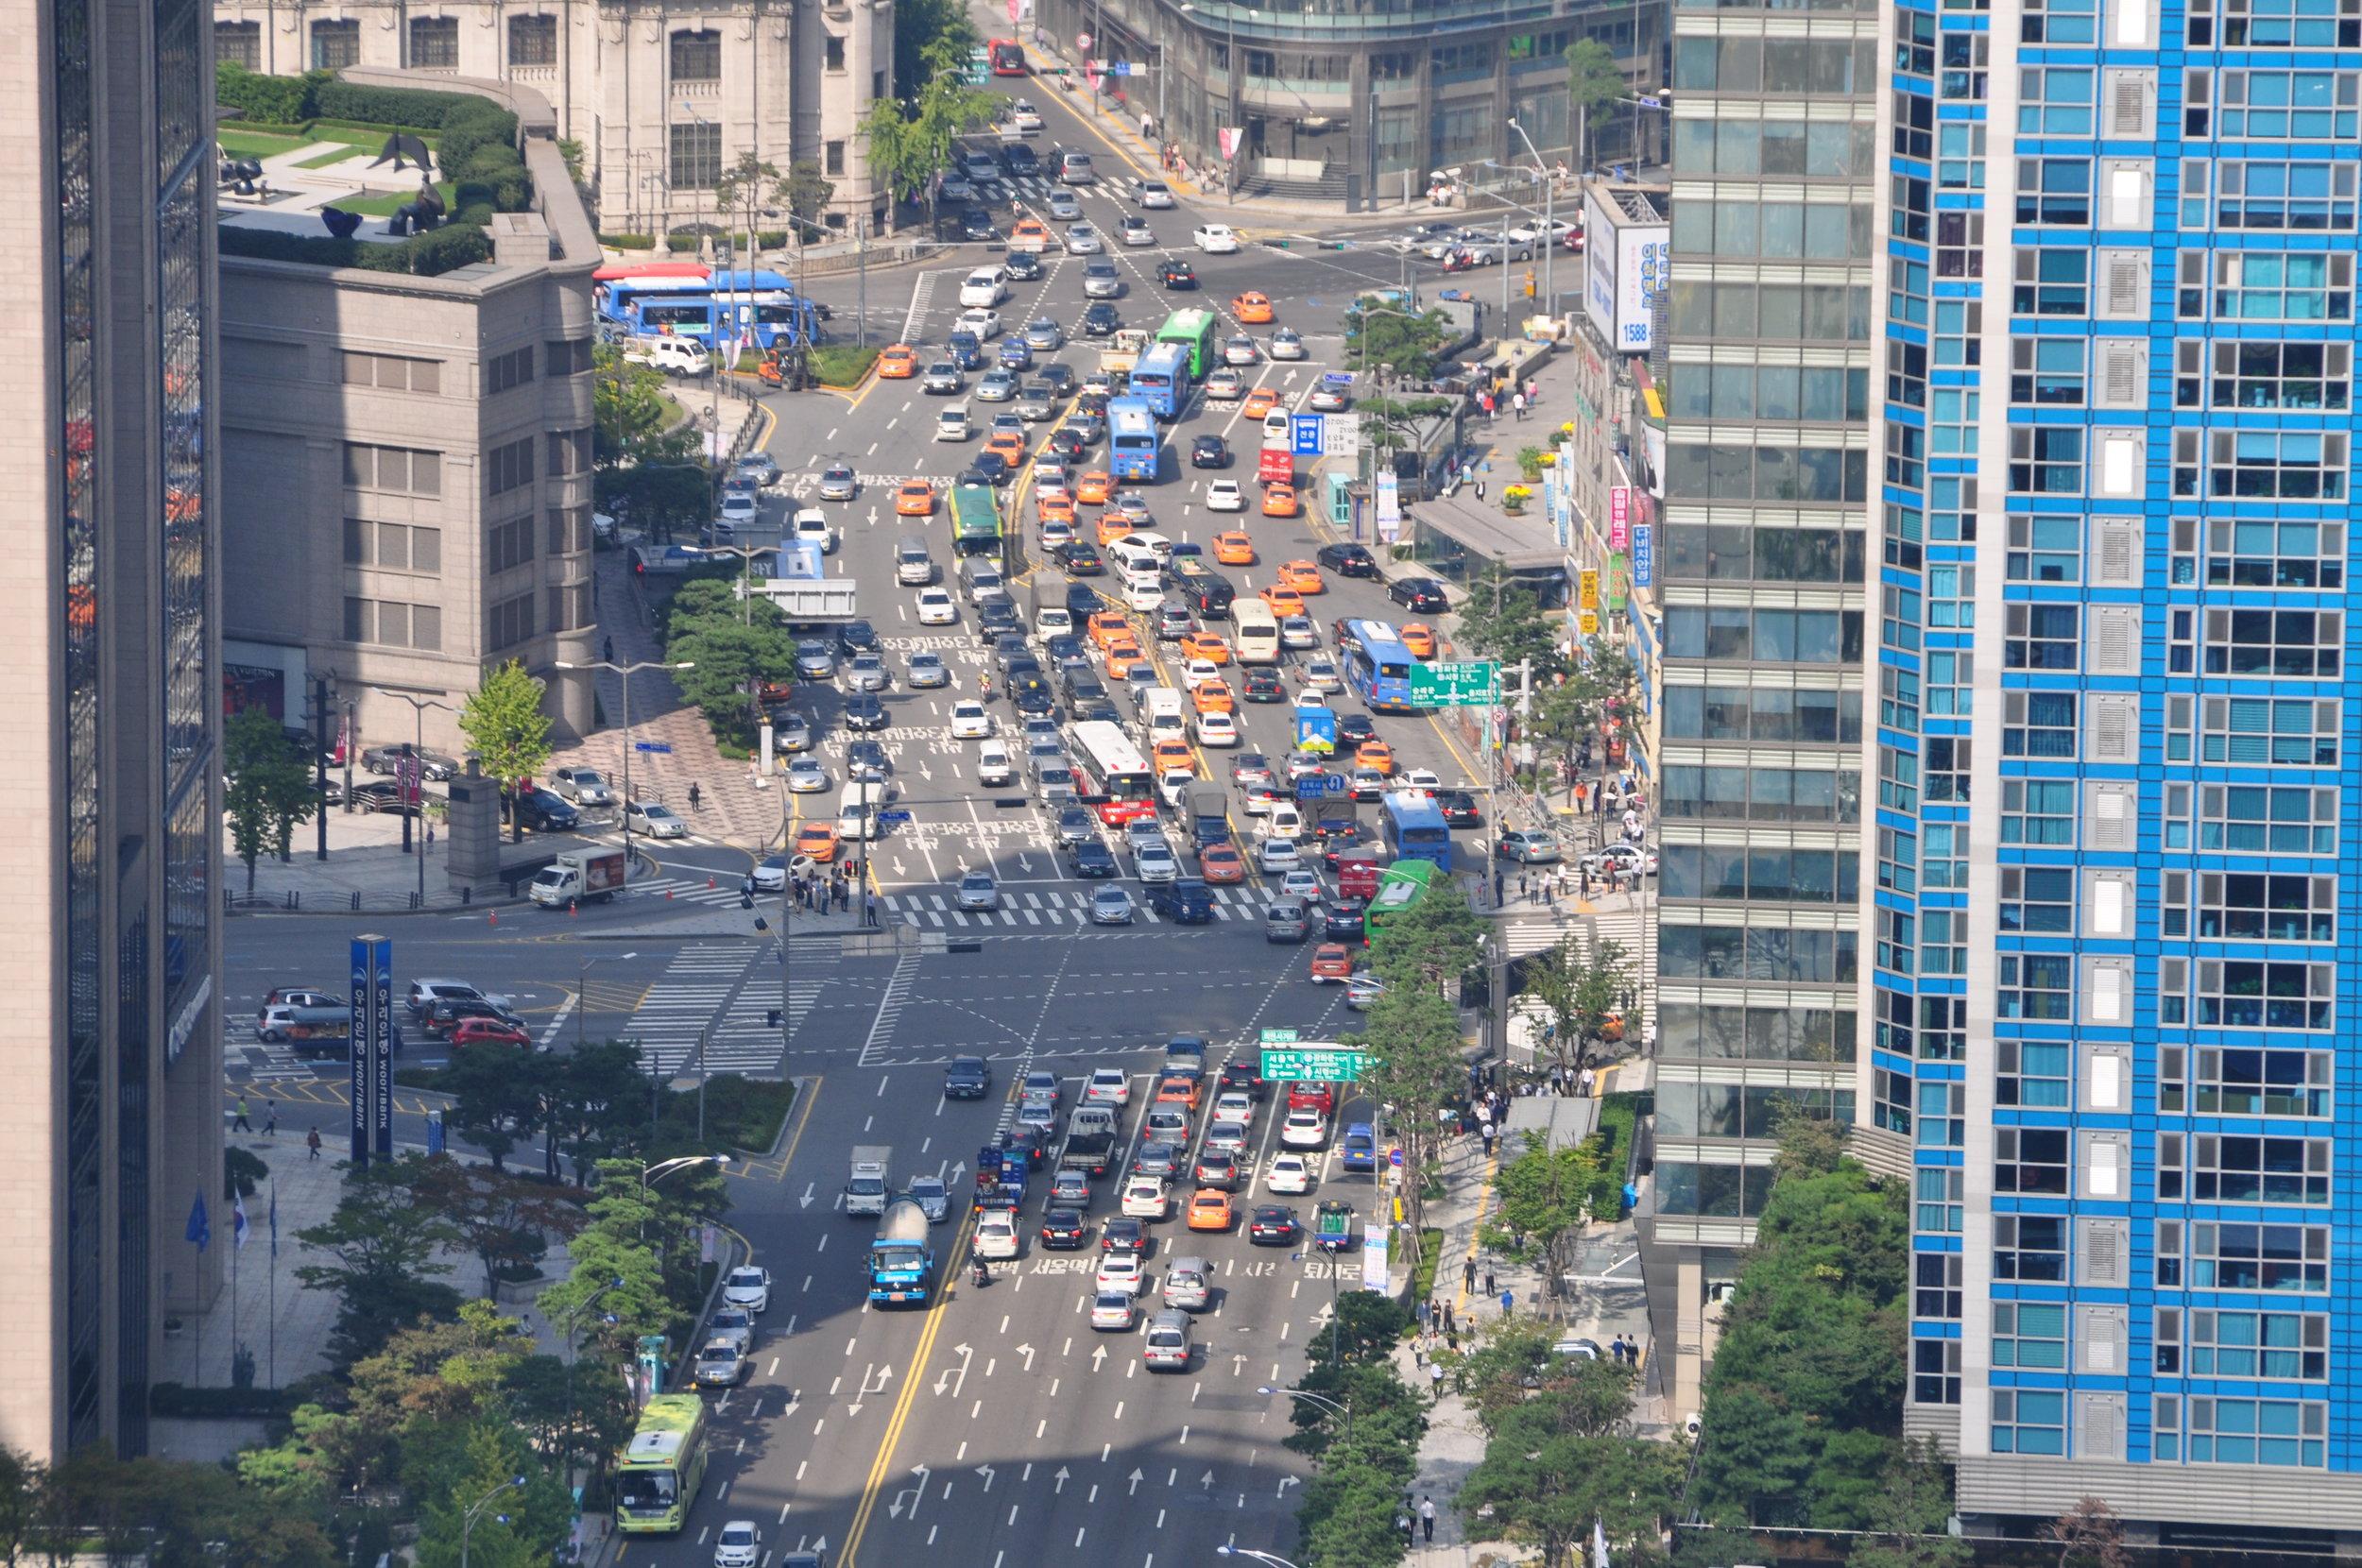 Trafikken kan være ganske kaotisk i Seoul - selv midt på dagen.